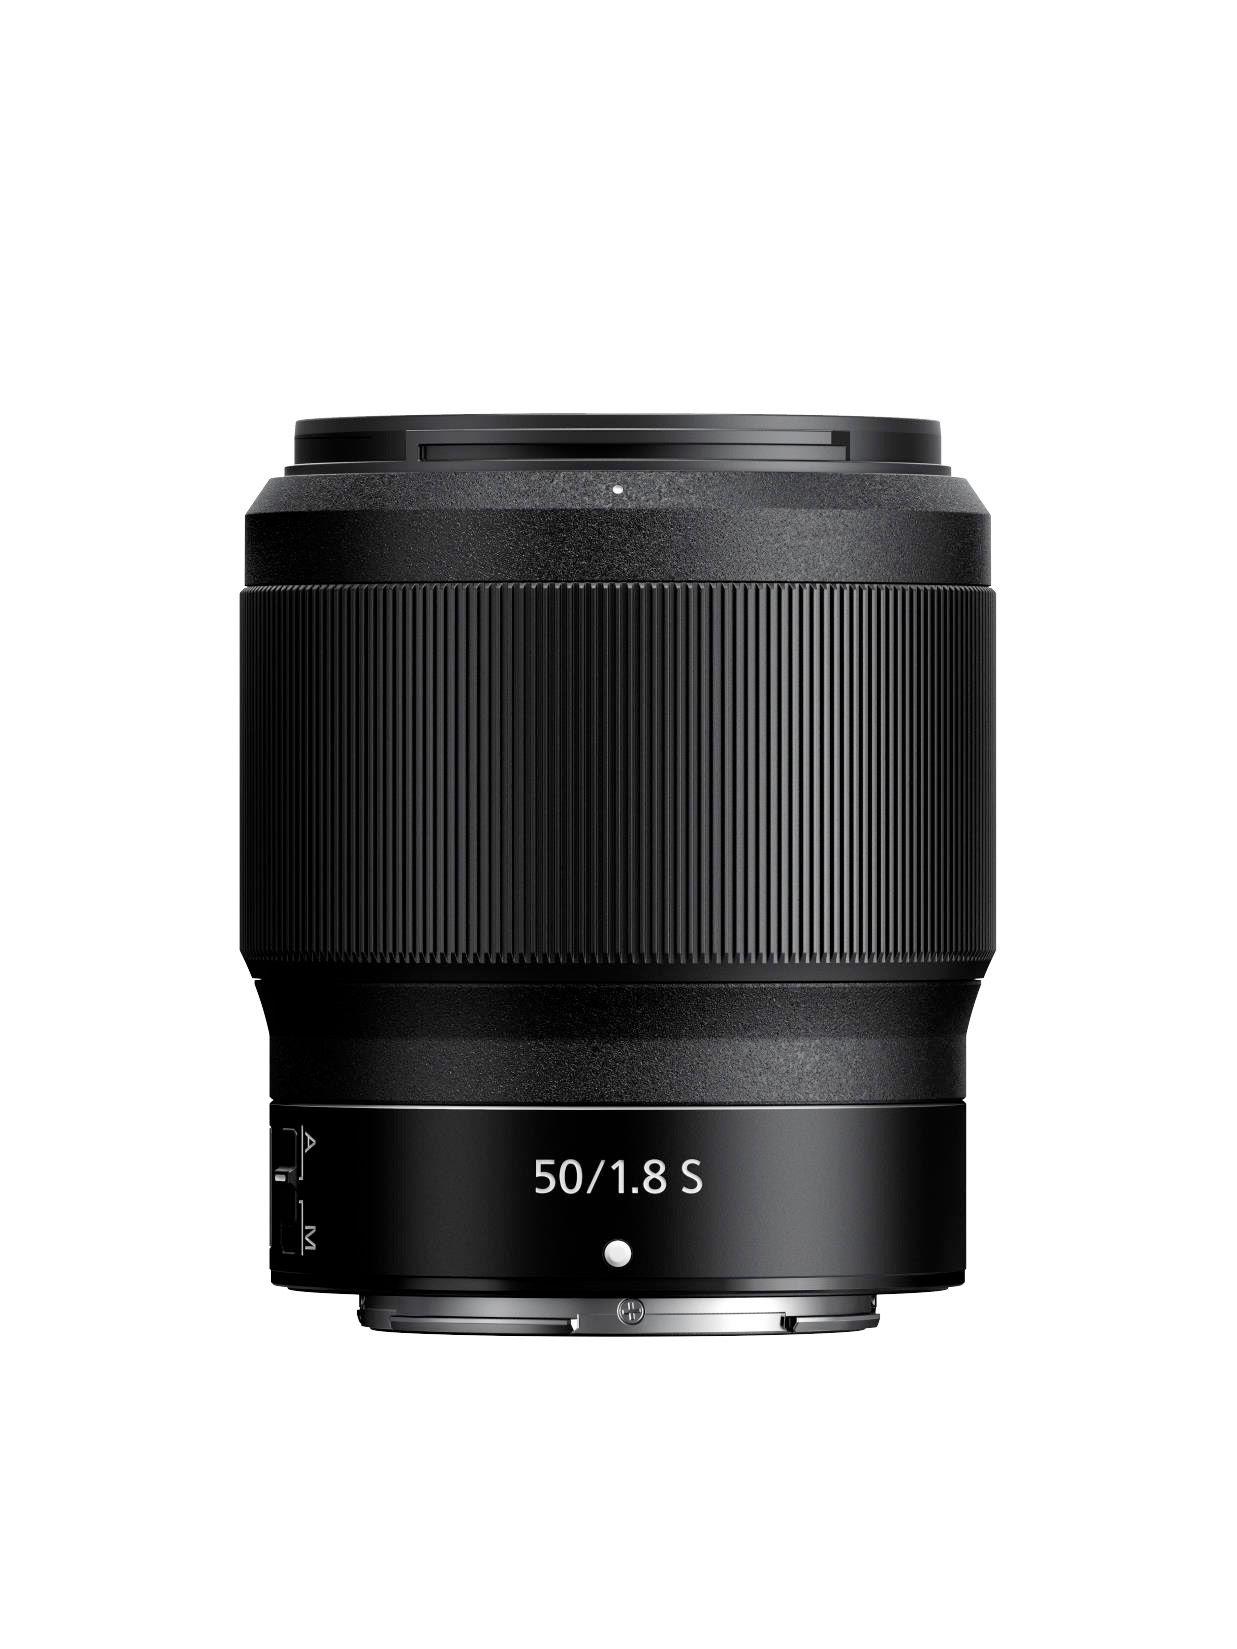 Nikon Nikkor Z 50 mm f/1,8 S : test, prix et fiche technique - Objectif - Les Numériques